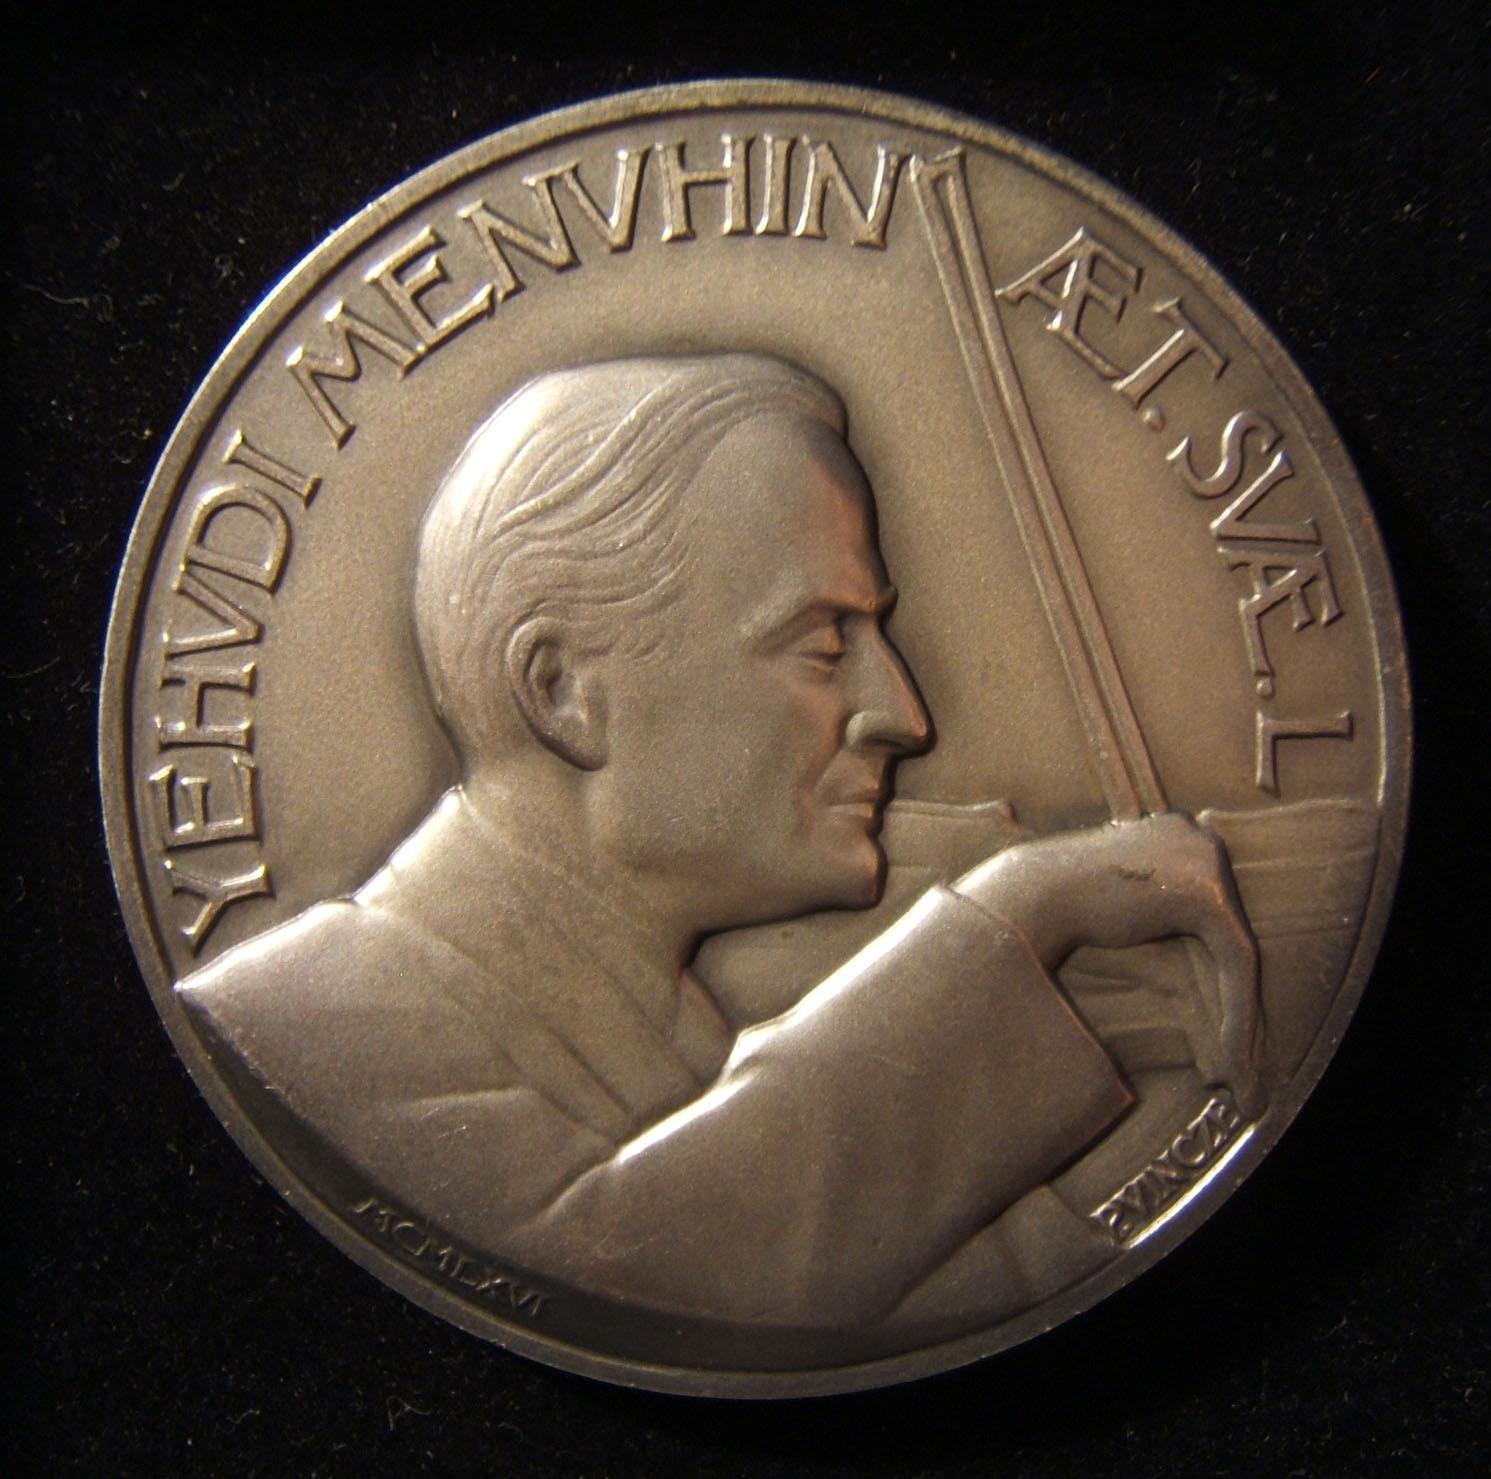 מדליית יודאיקה מאת פול וינצ'ה, 1966